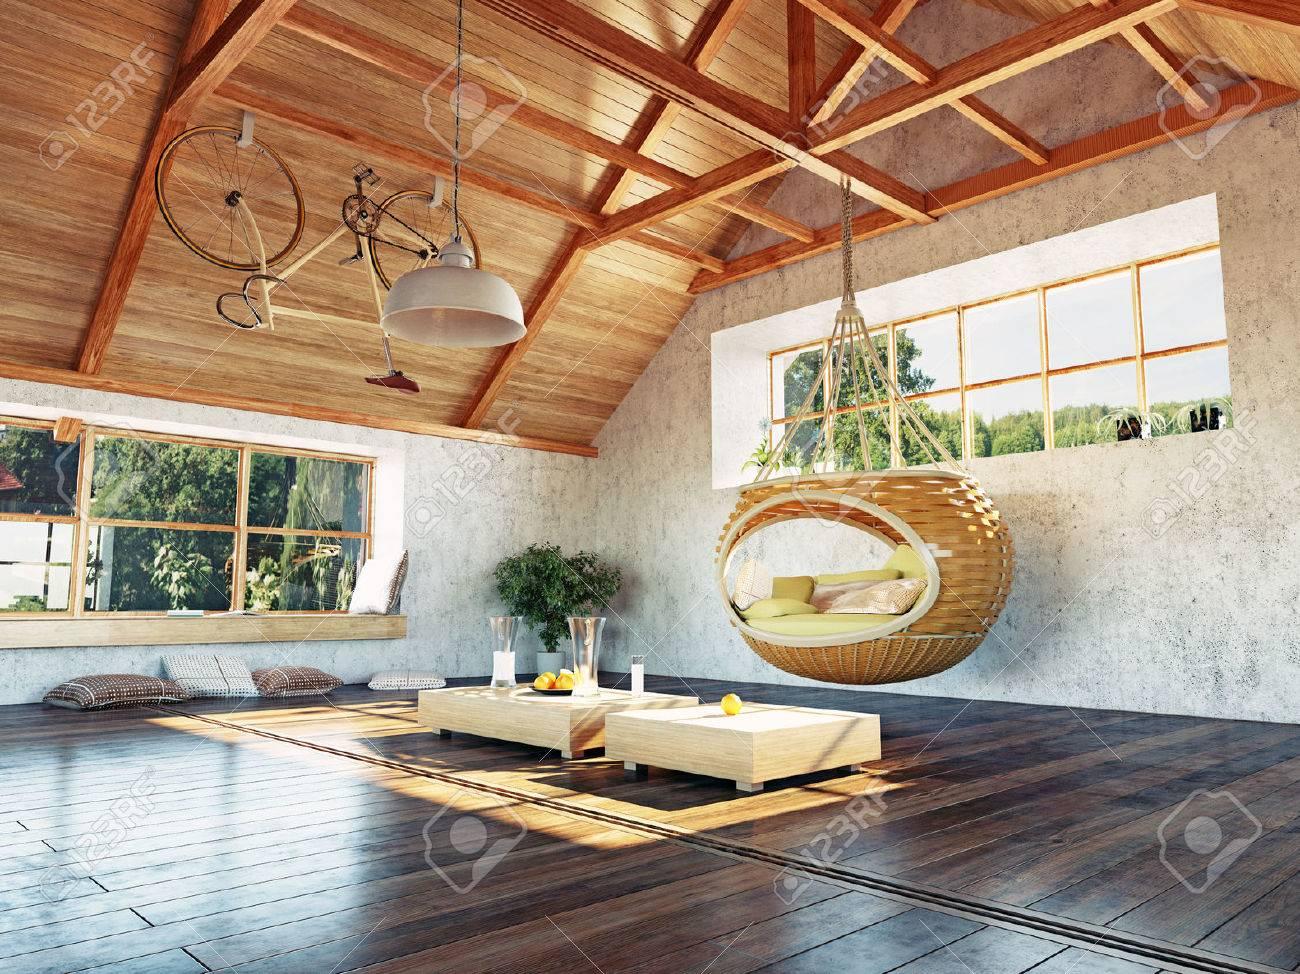 Schöne Moderne Dachboden Innenraum Mit Hängenden Sofa. 3D-Design ...